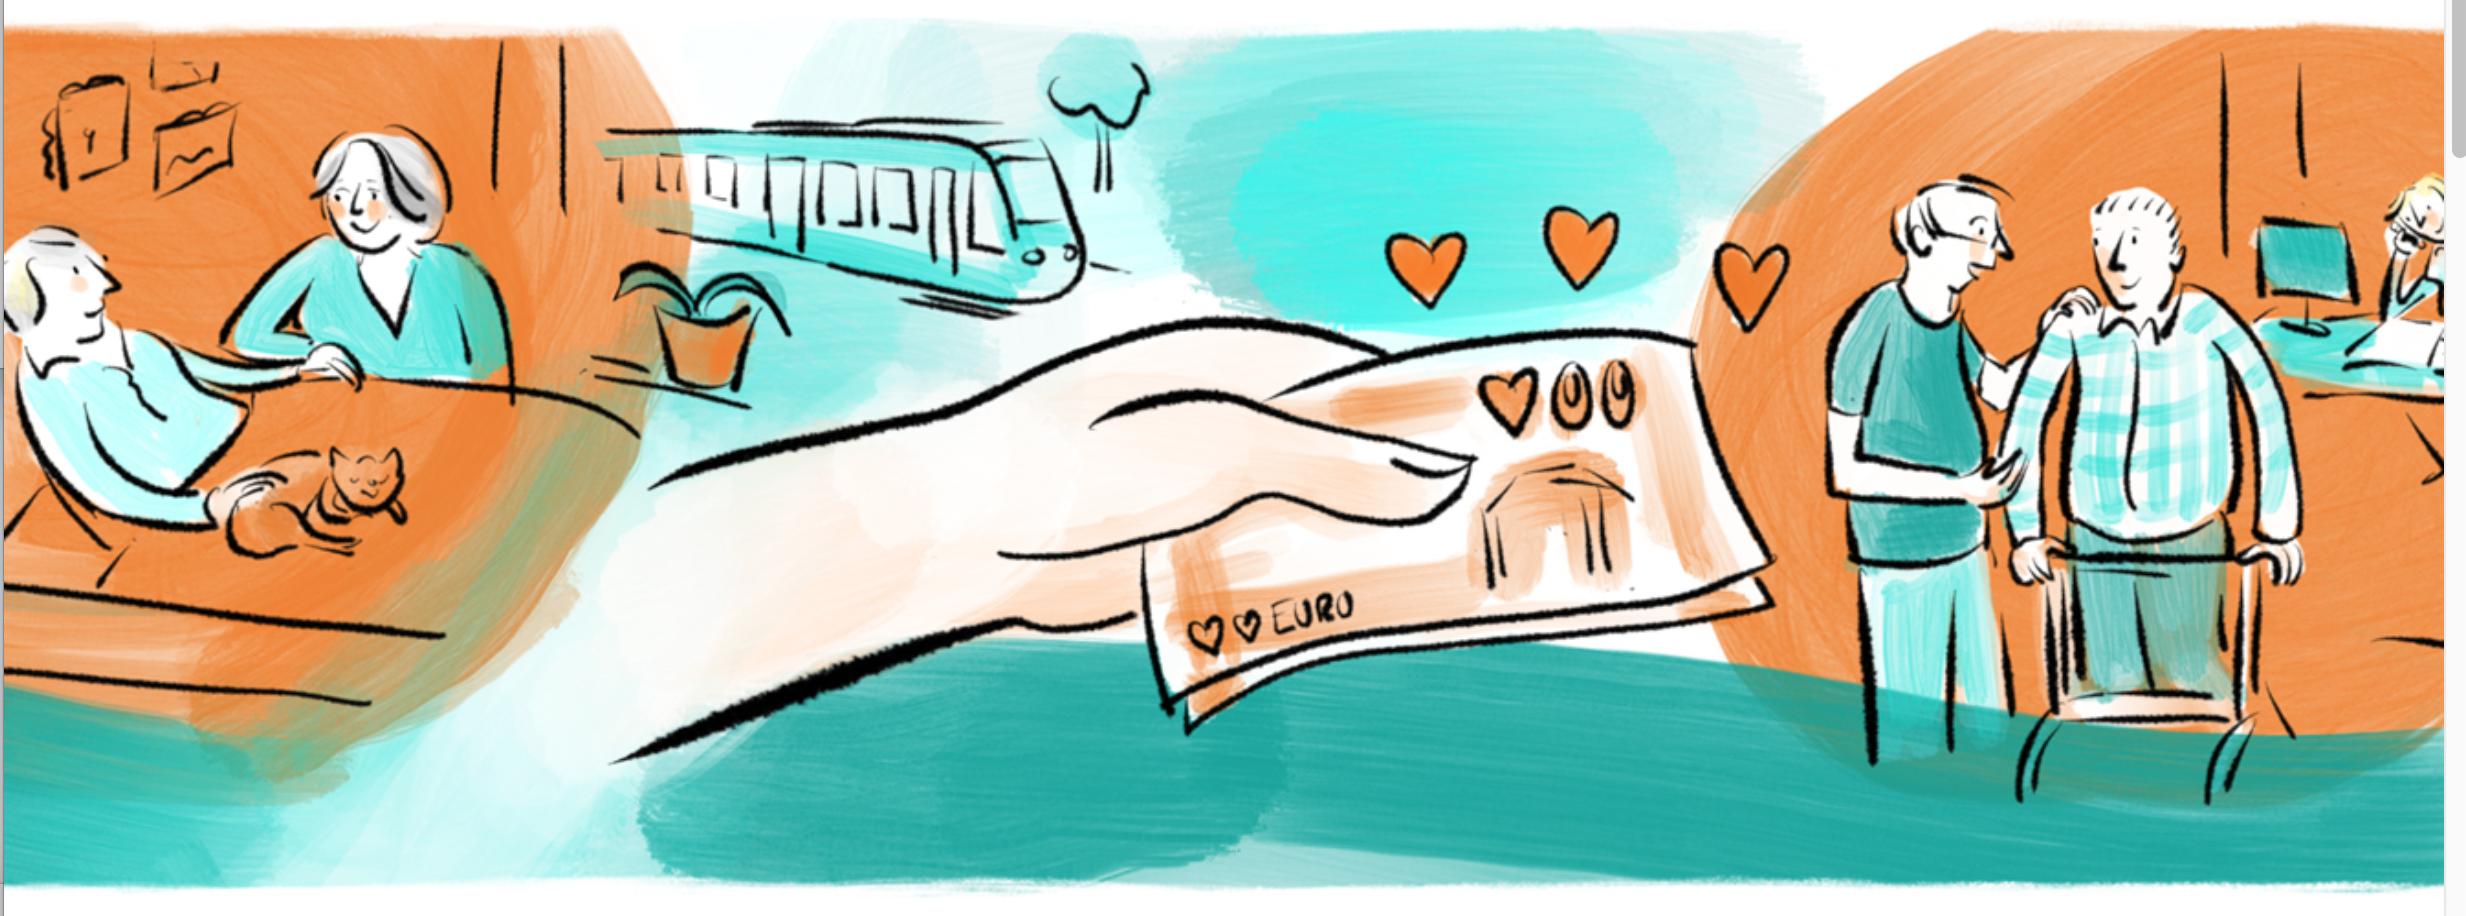 Illustration zum Thema Spenden